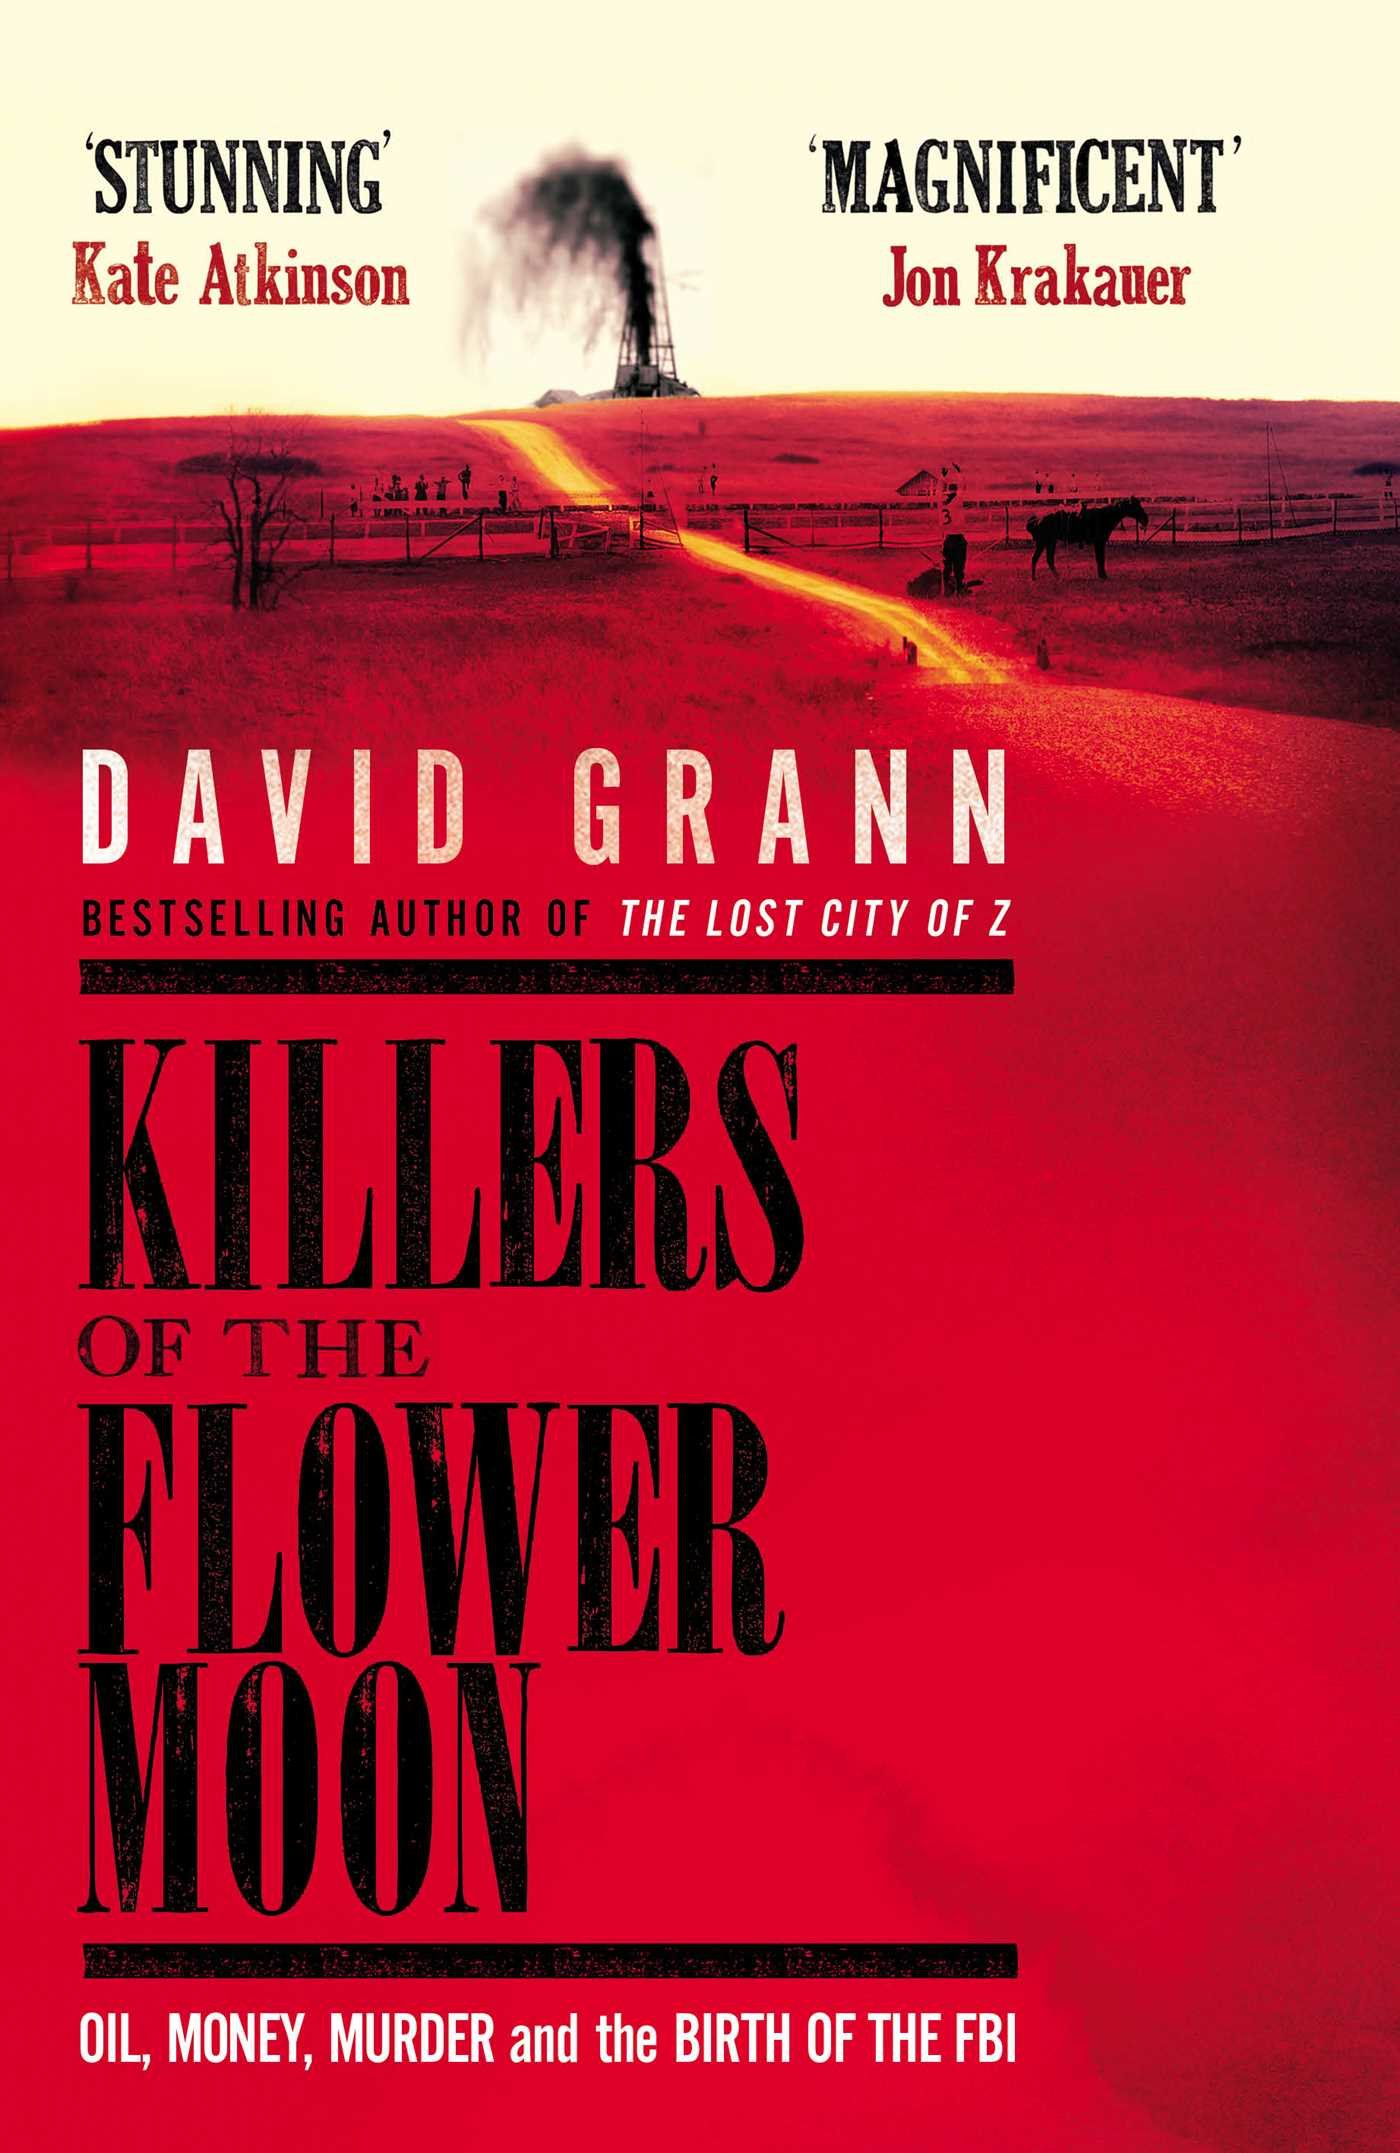 دانلود فیلم وسترن Killers of the Flower Moon 2021 قاتلان ماه کامل